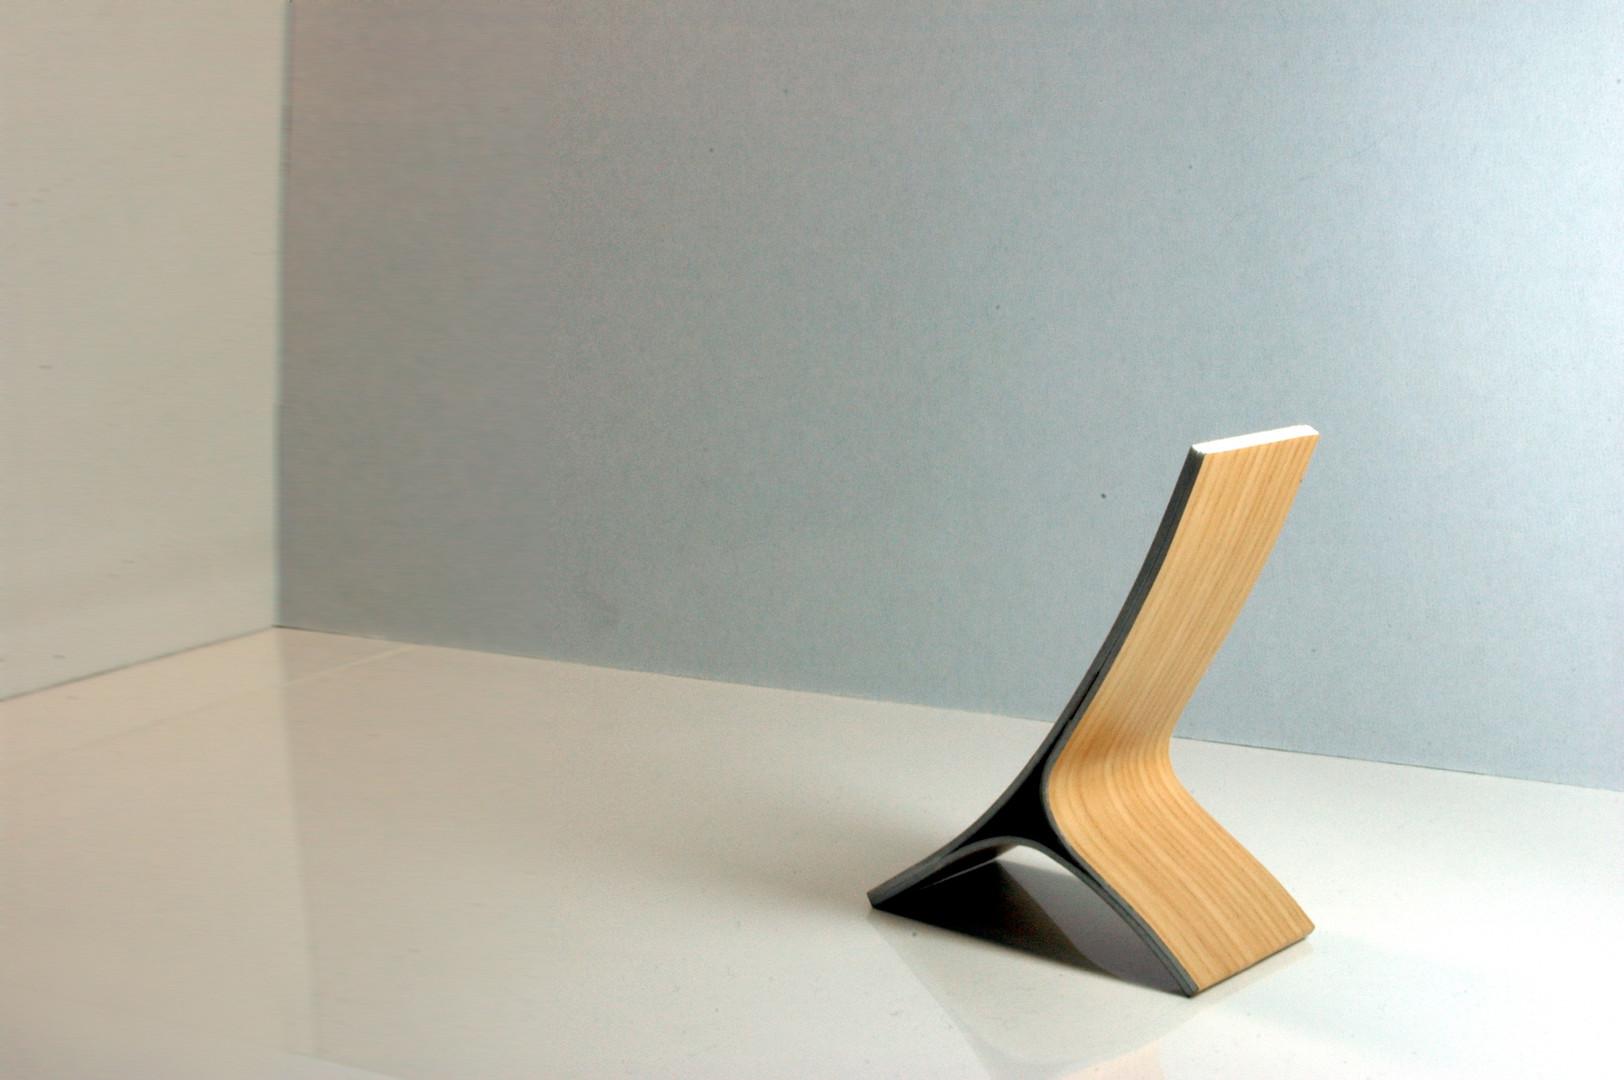 3w_chair_06.jpg